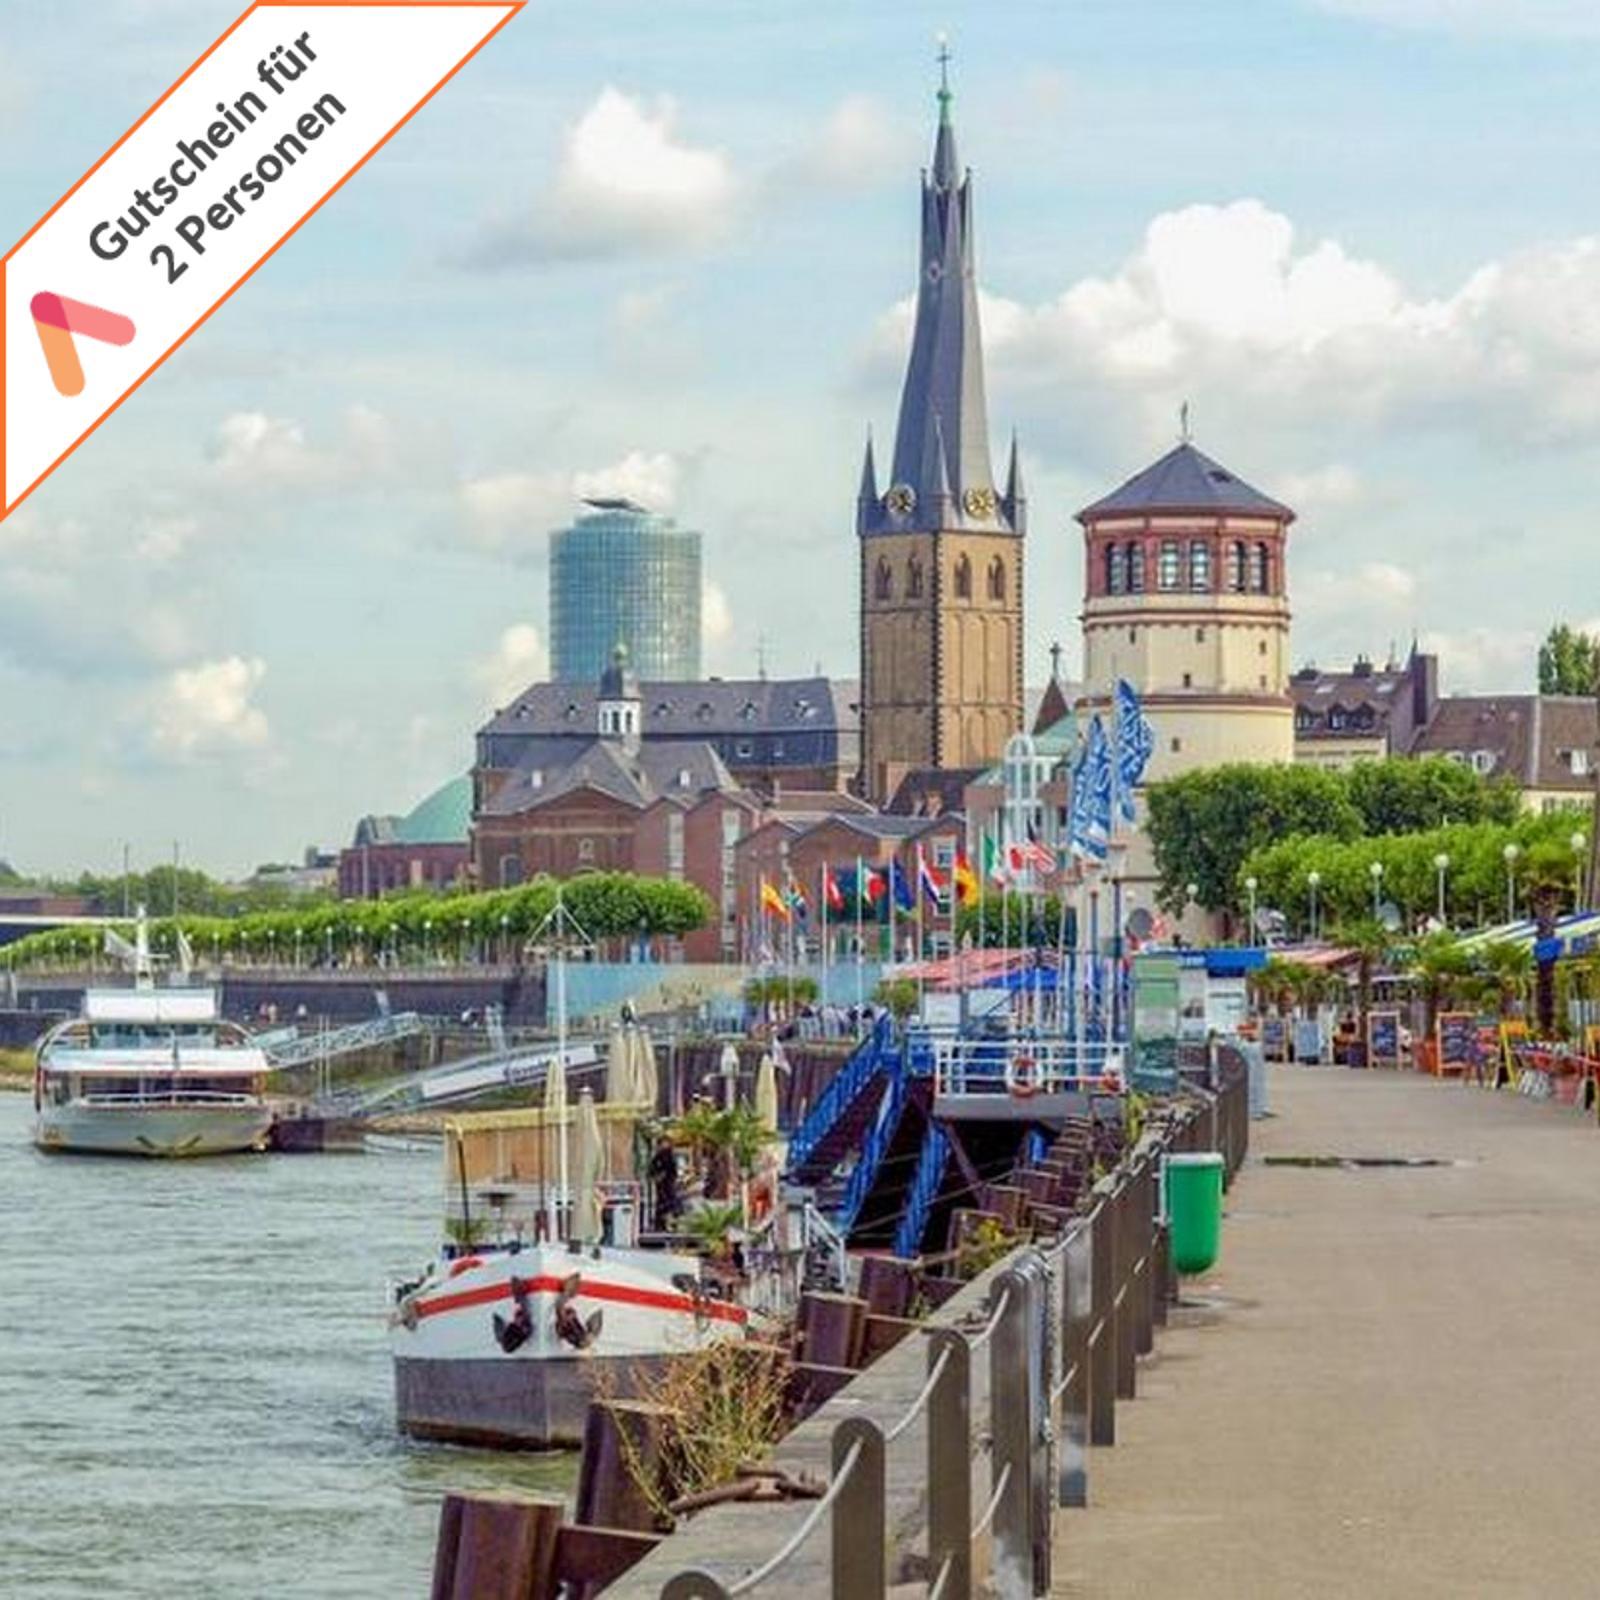 2019 Neuestes Design Städtereise Düsseldorf Zentral 3 - 4 Tage First Class Hotel 2 Personen Gutschein